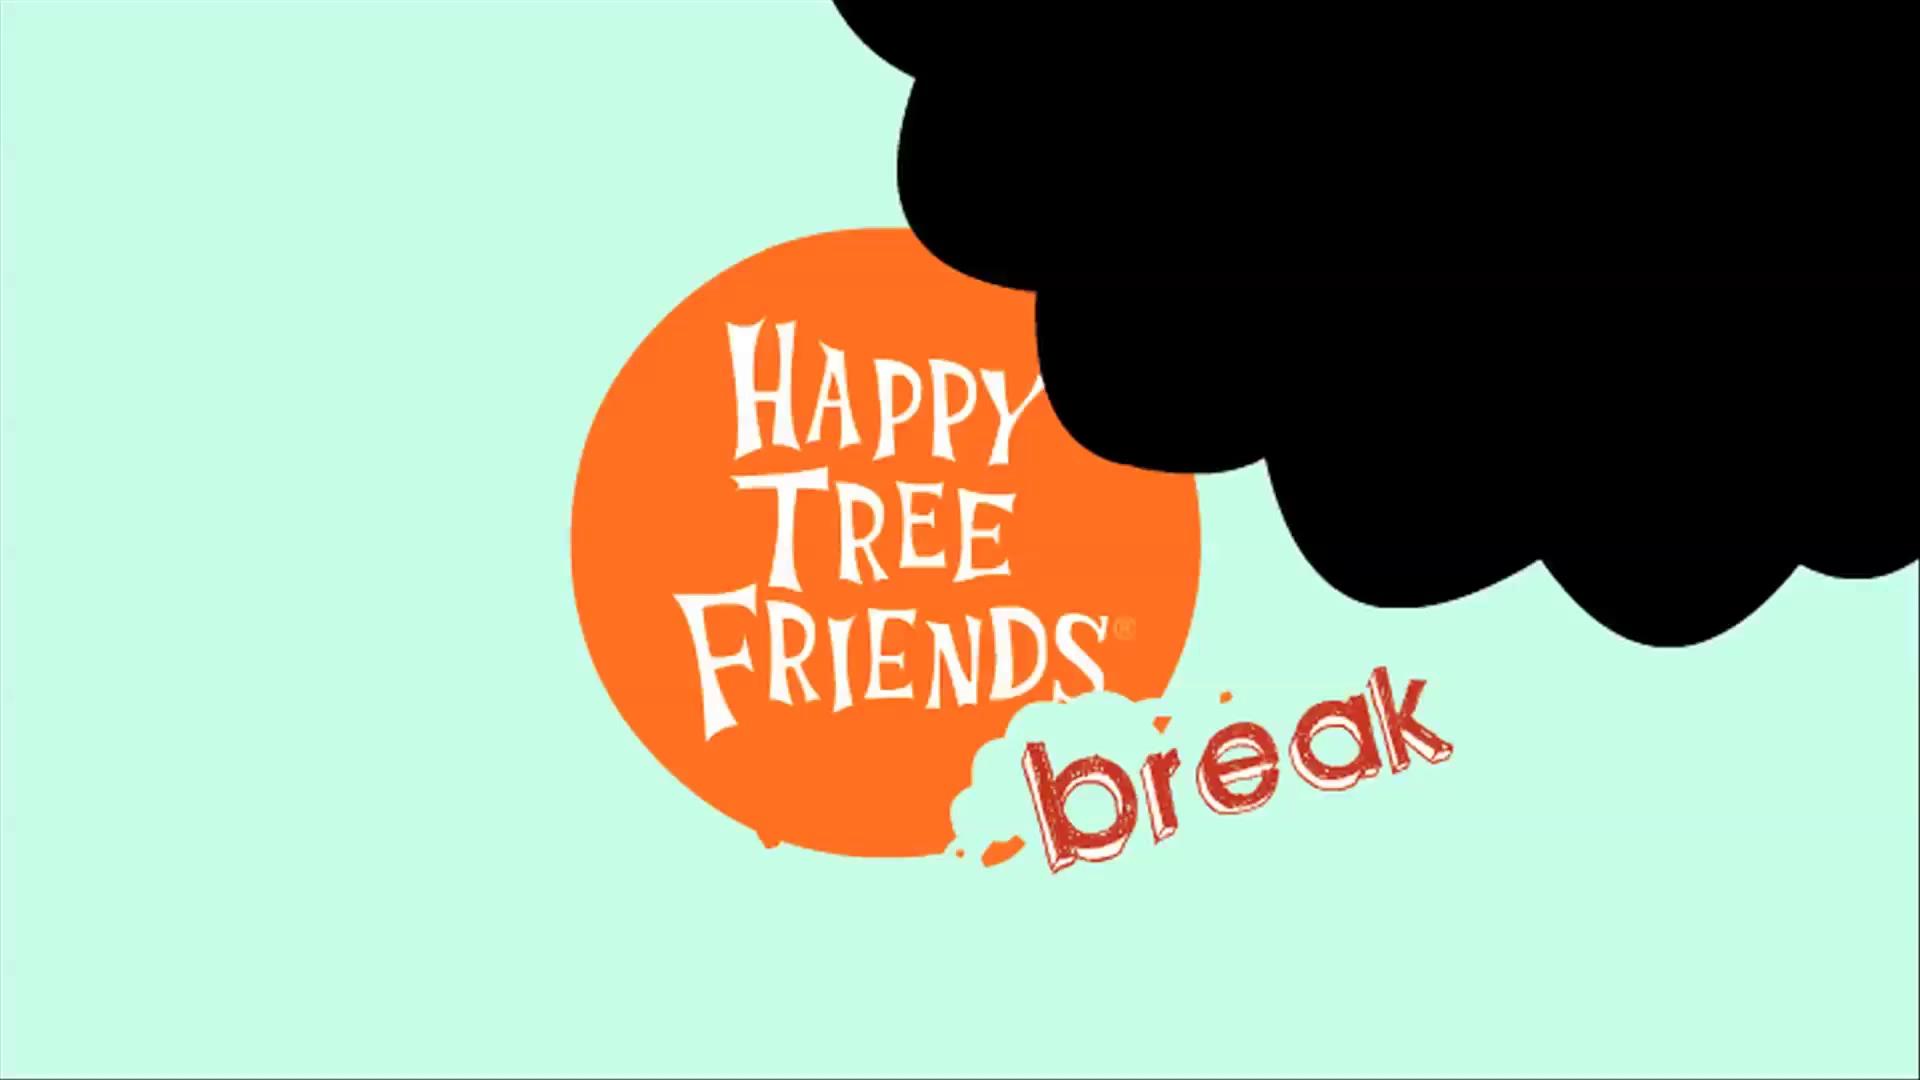 انیمیشن دوستان درختی شاد-فصل HTF Break قسمت 6- سال 2008- تمام قسمت ها در لینک زیر این ویدیو